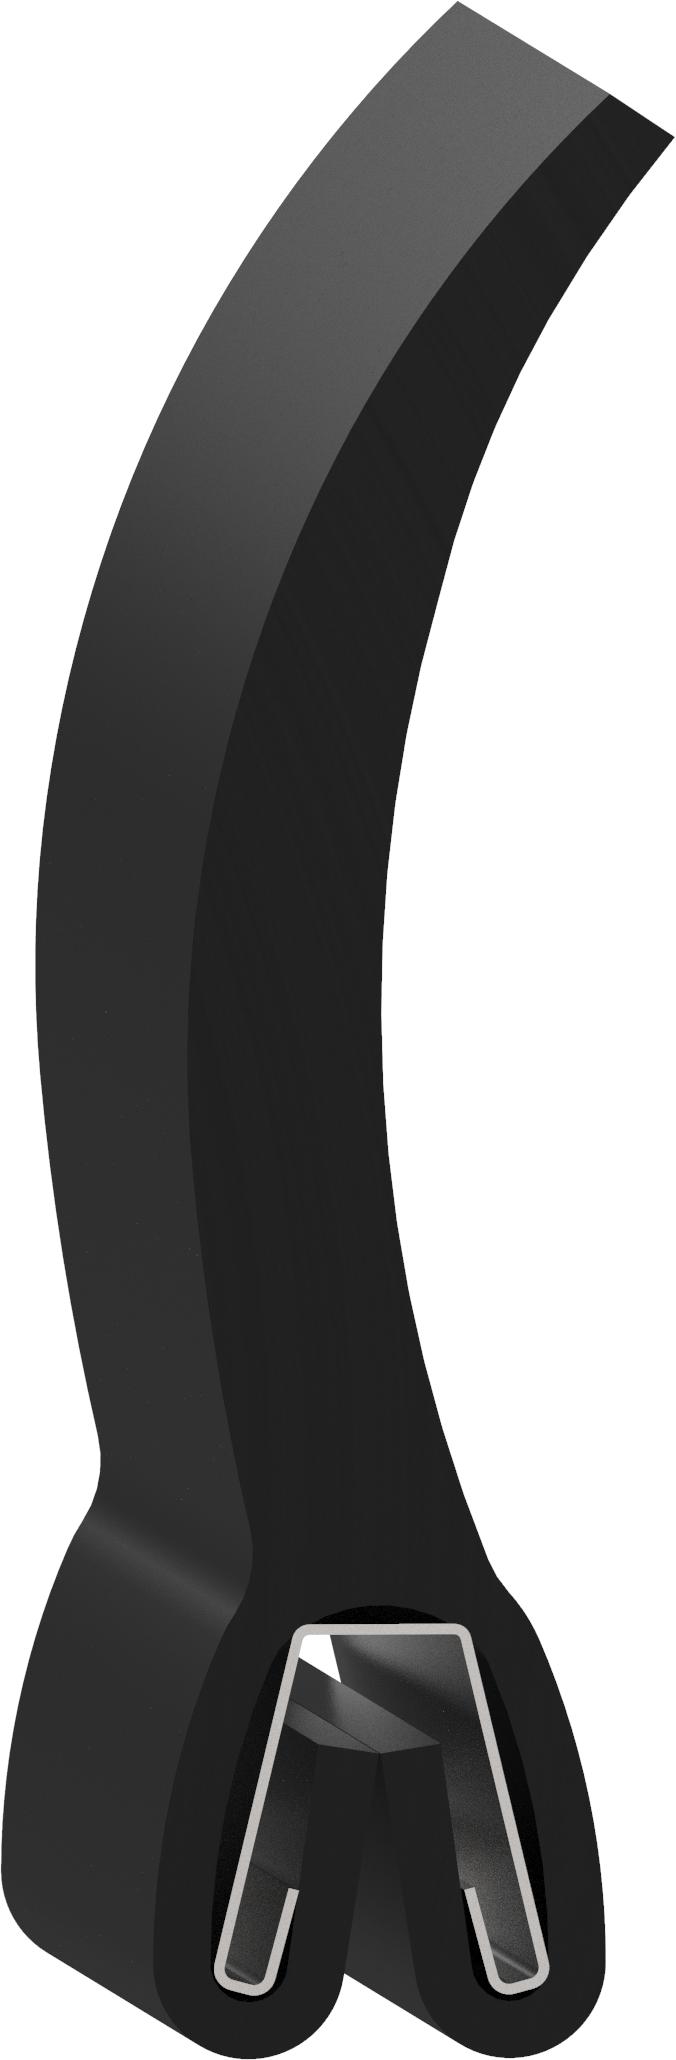 Uni-Grip part: ED-5360-Nitrile